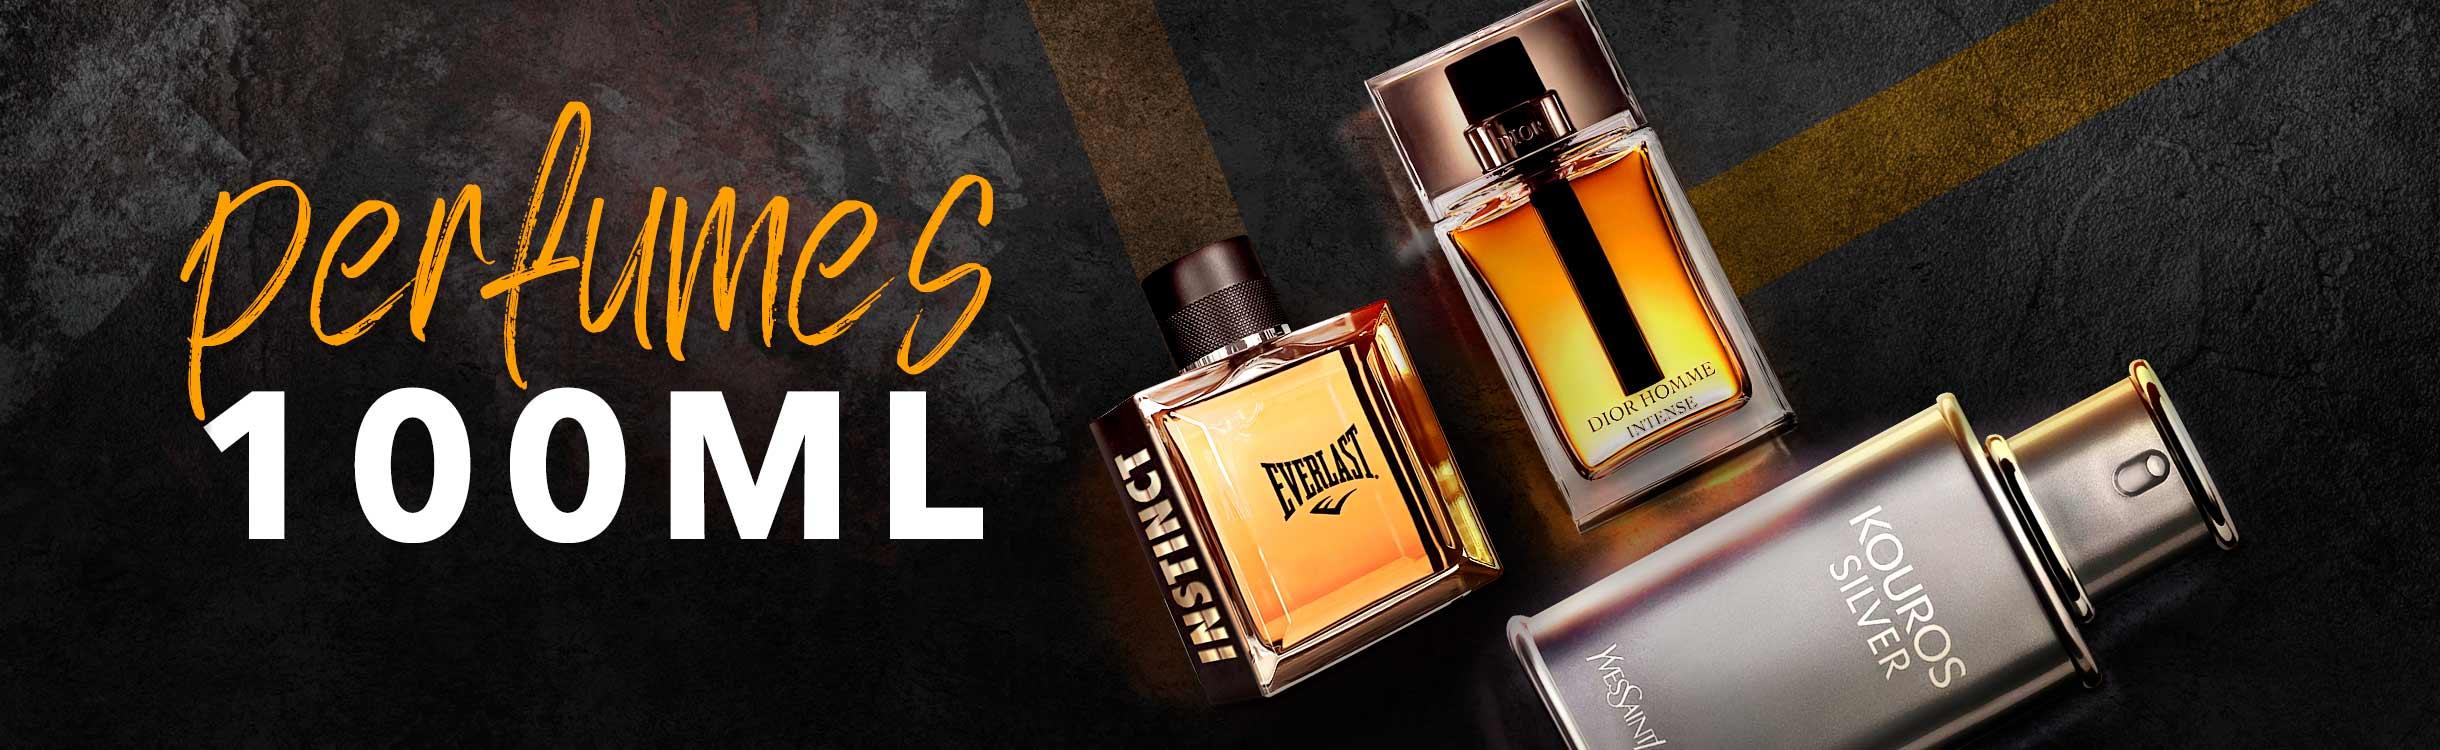 Perfumes e Perfumaria masculinos a partir de 100ml